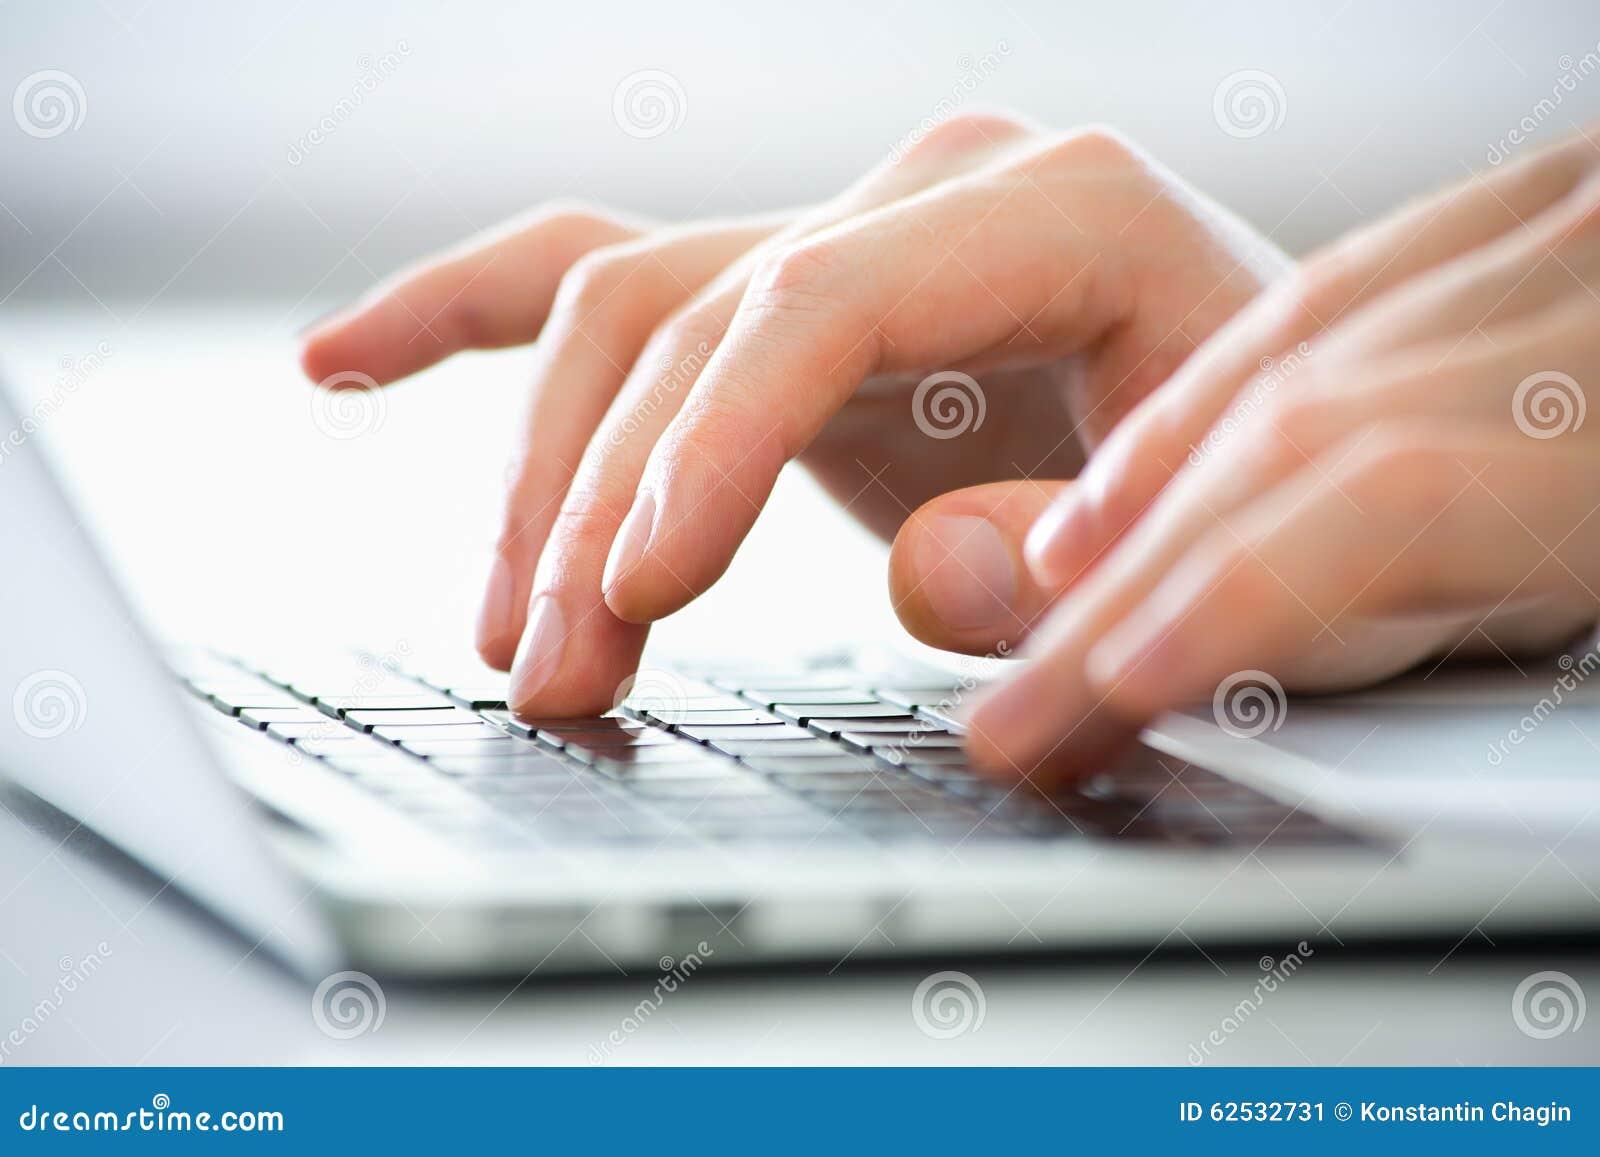 Handen van het bedrijfsmens typen op laptop